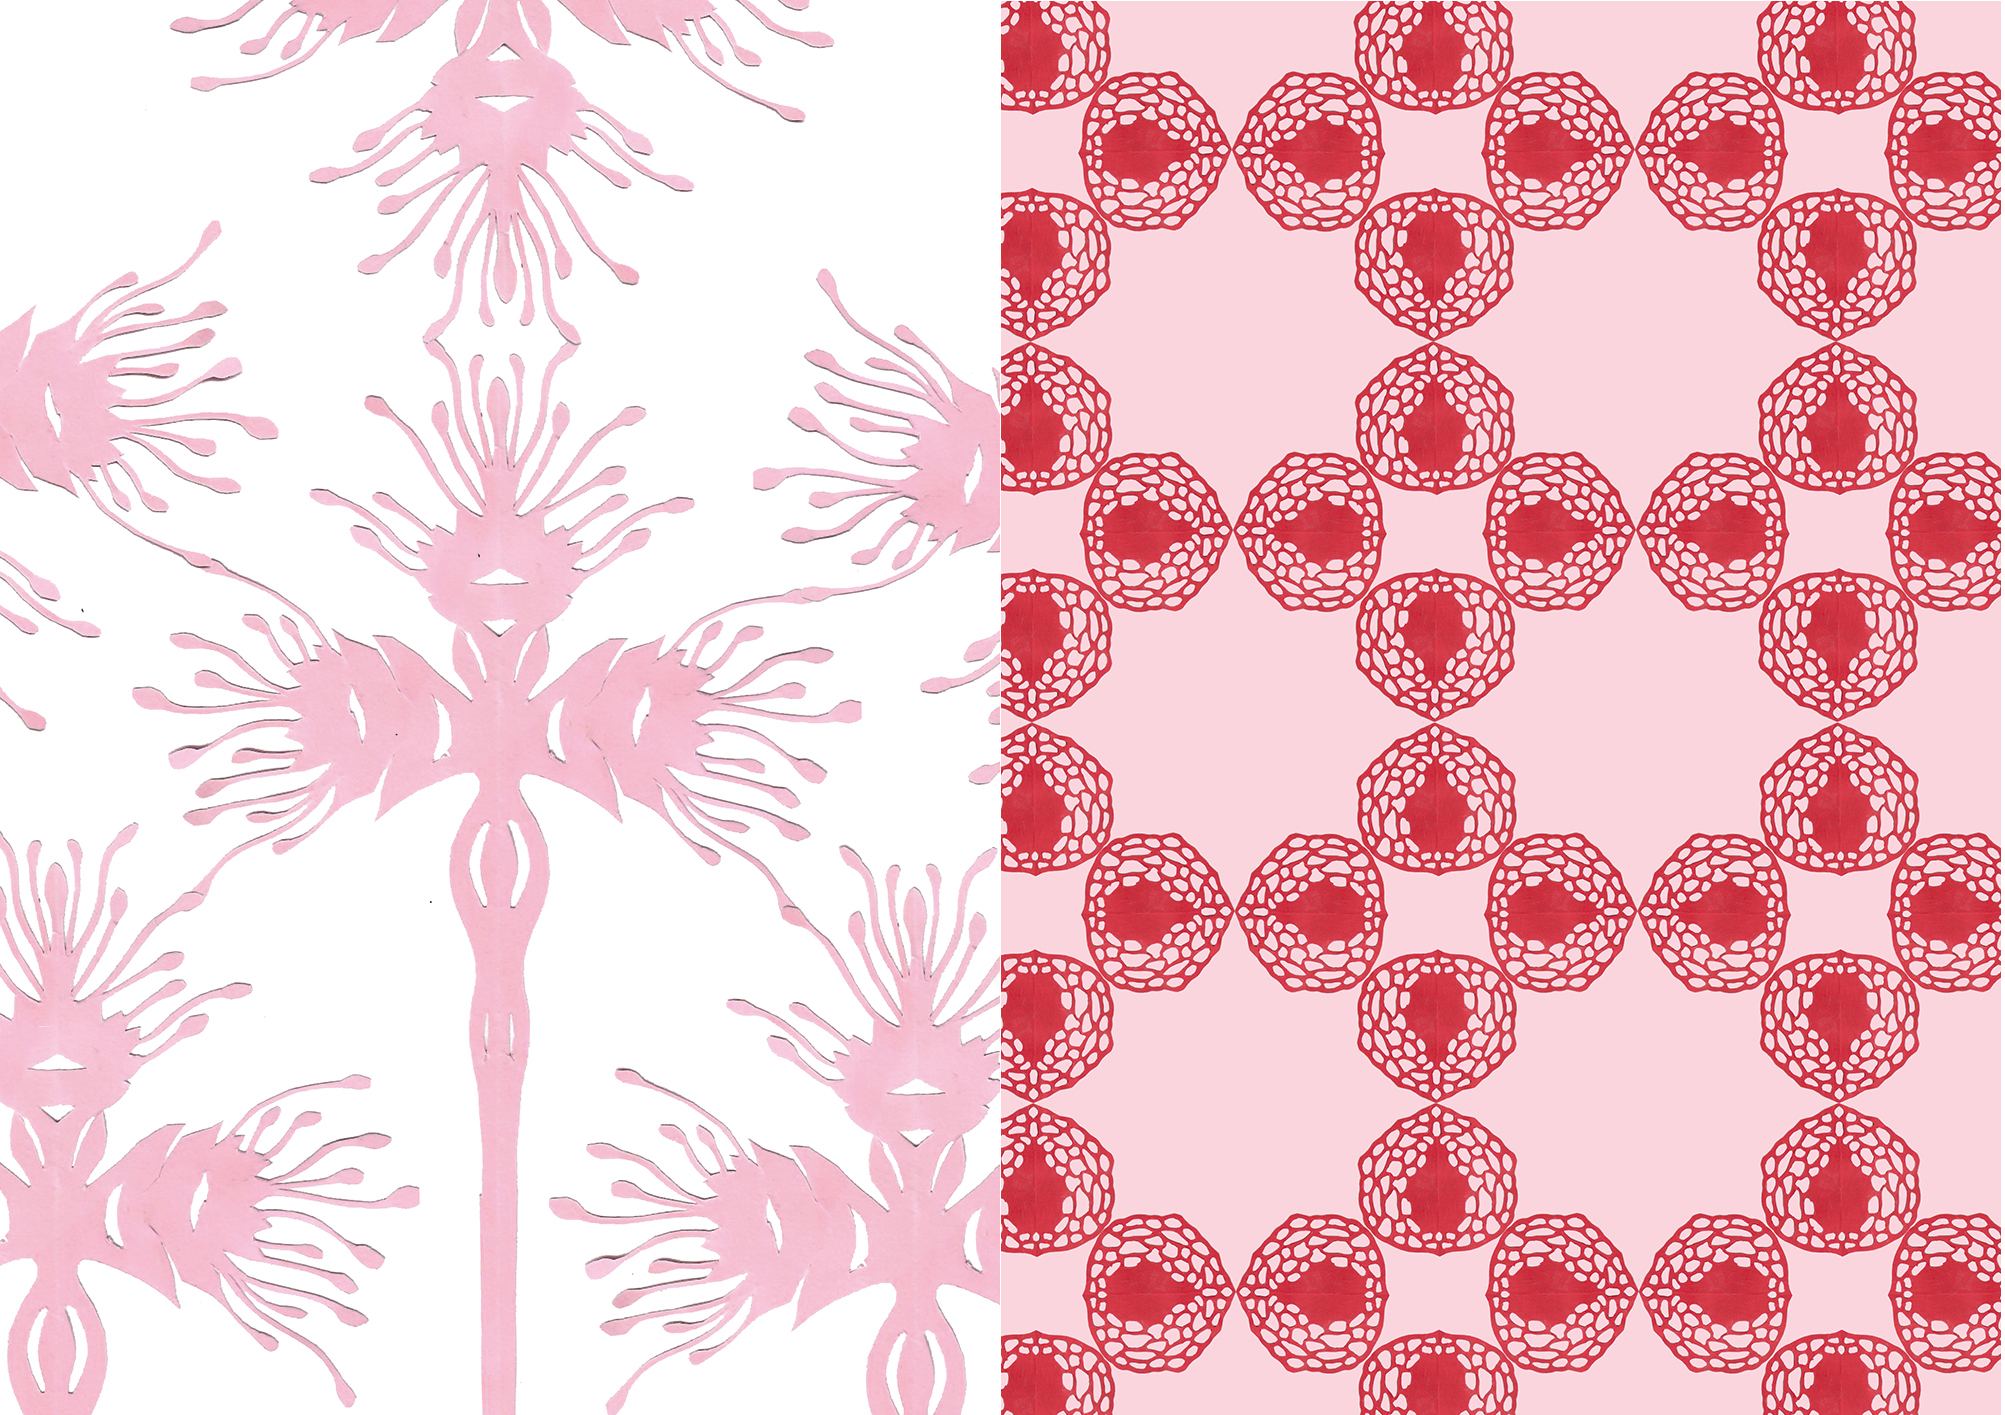 Studiocooliejoelie-karinmol-papiersnijkunst-papierknipkunst-portfolio-patroon